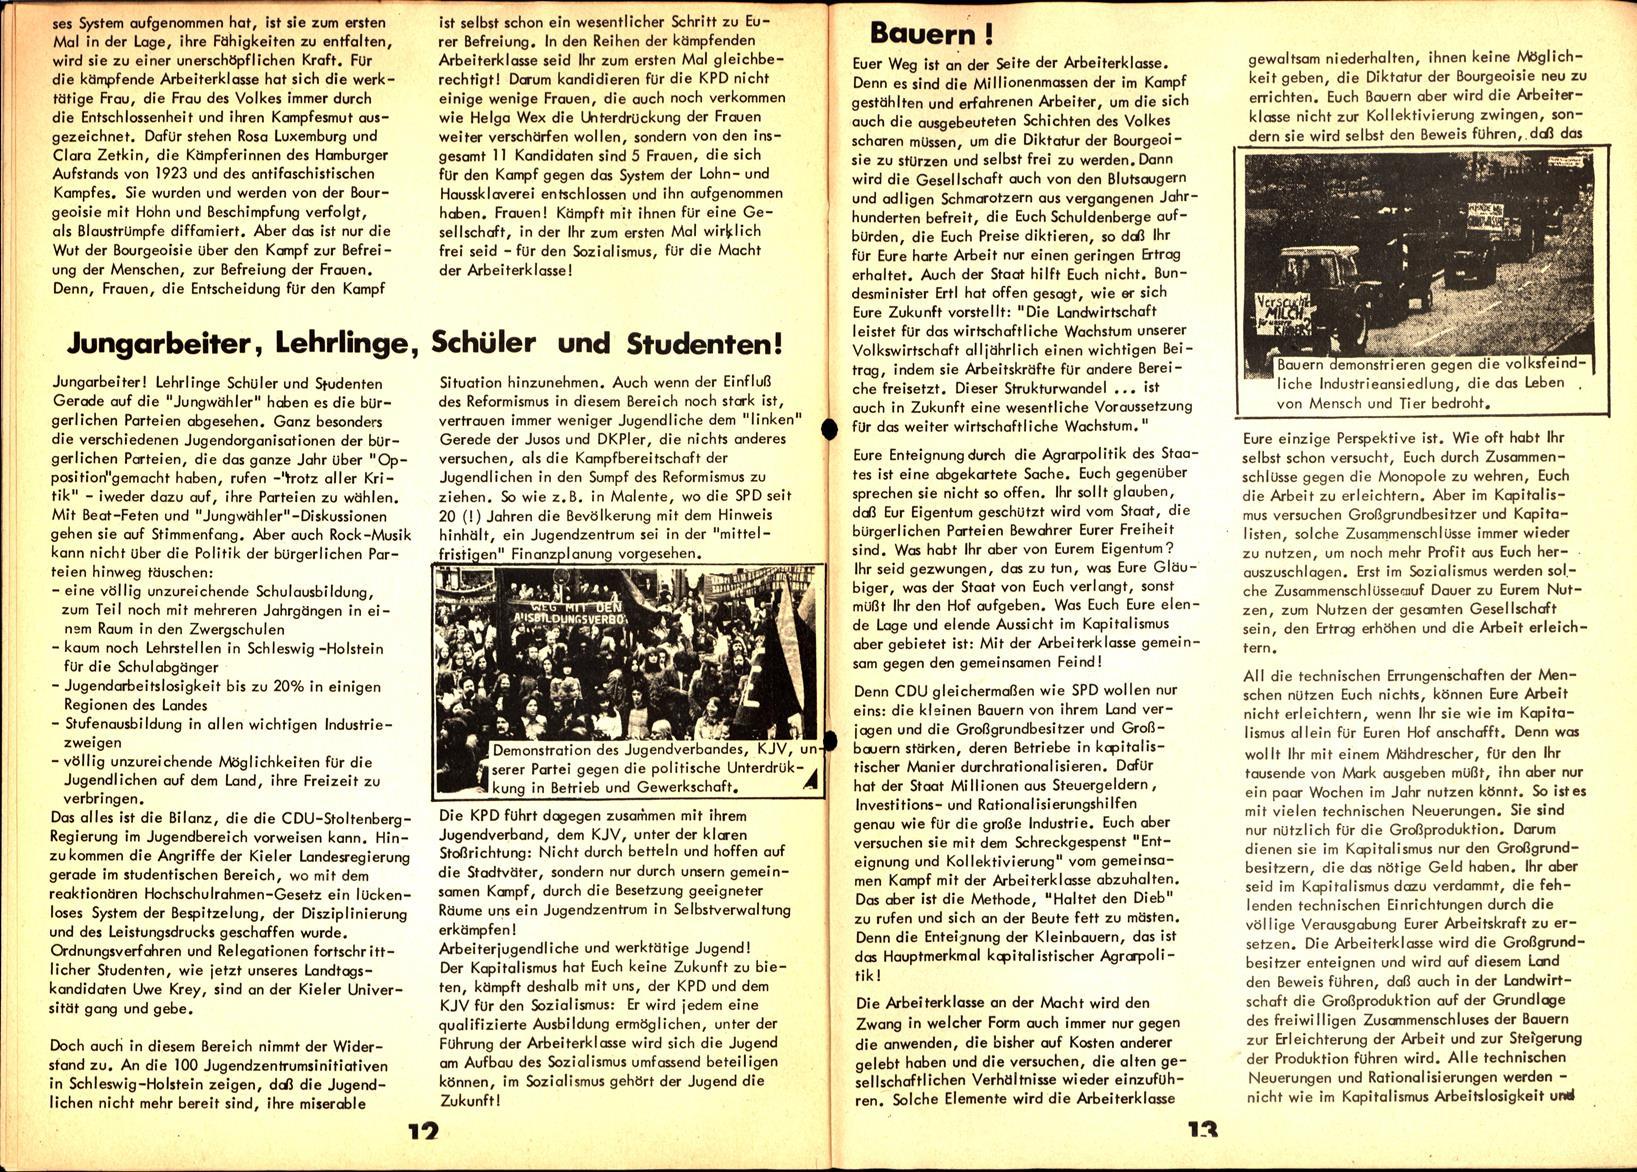 Schleswig_Holstein_KPDAO_1975_Landtagswahlen_08